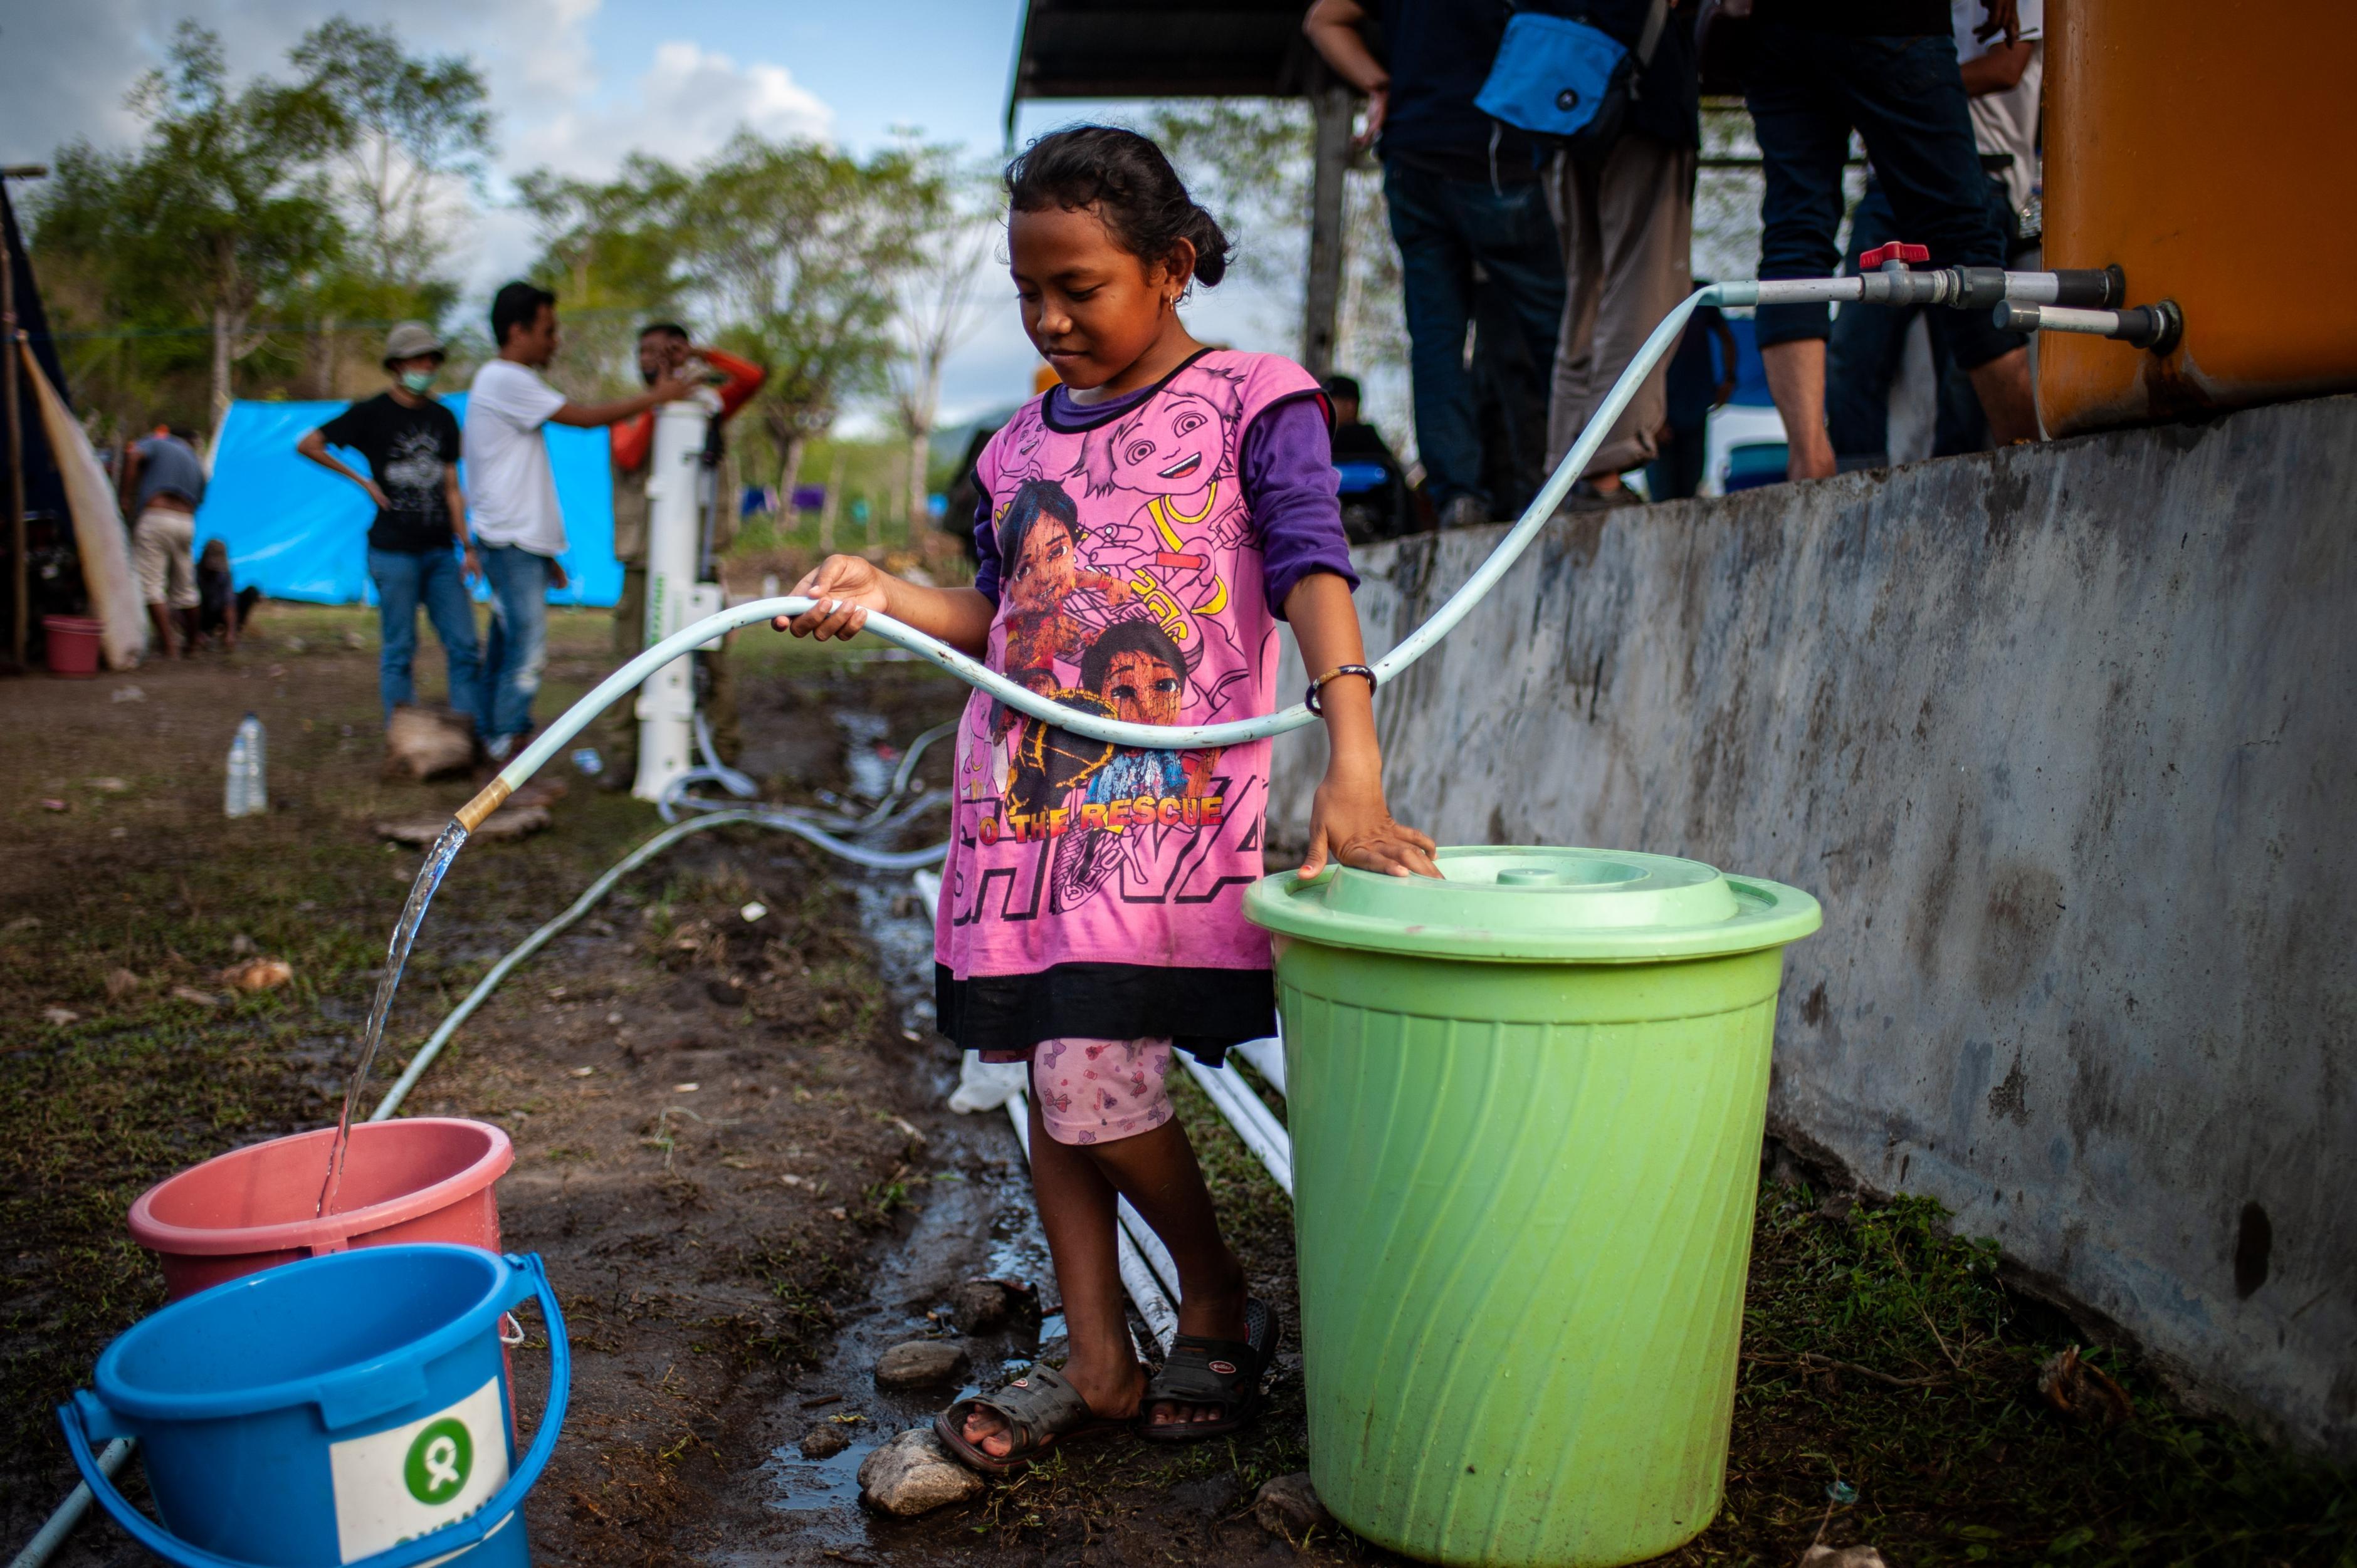 Ein Mädchen füllt Wasser aus einem Fass in einen Eimer.